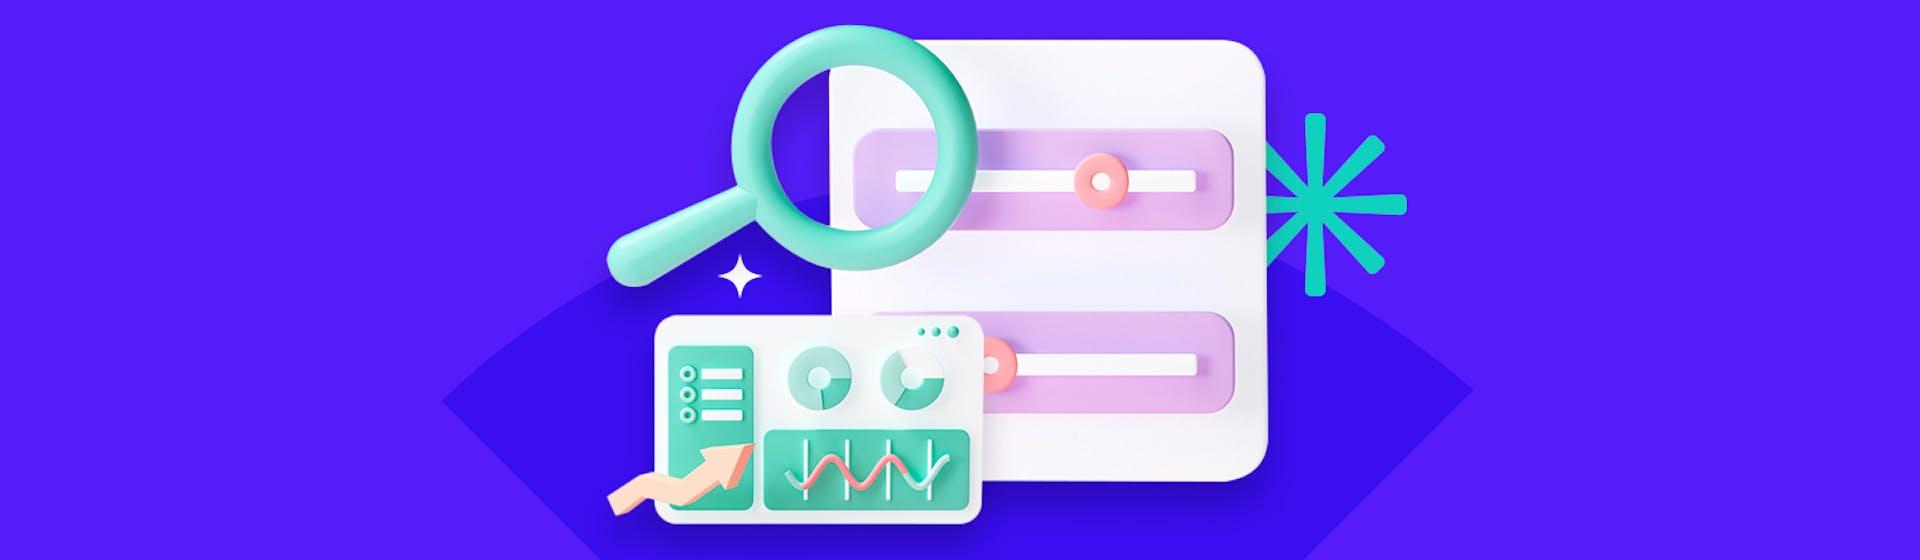 ¡Descubre cómo hacer un análisis SEO con estas herramientas gratis!